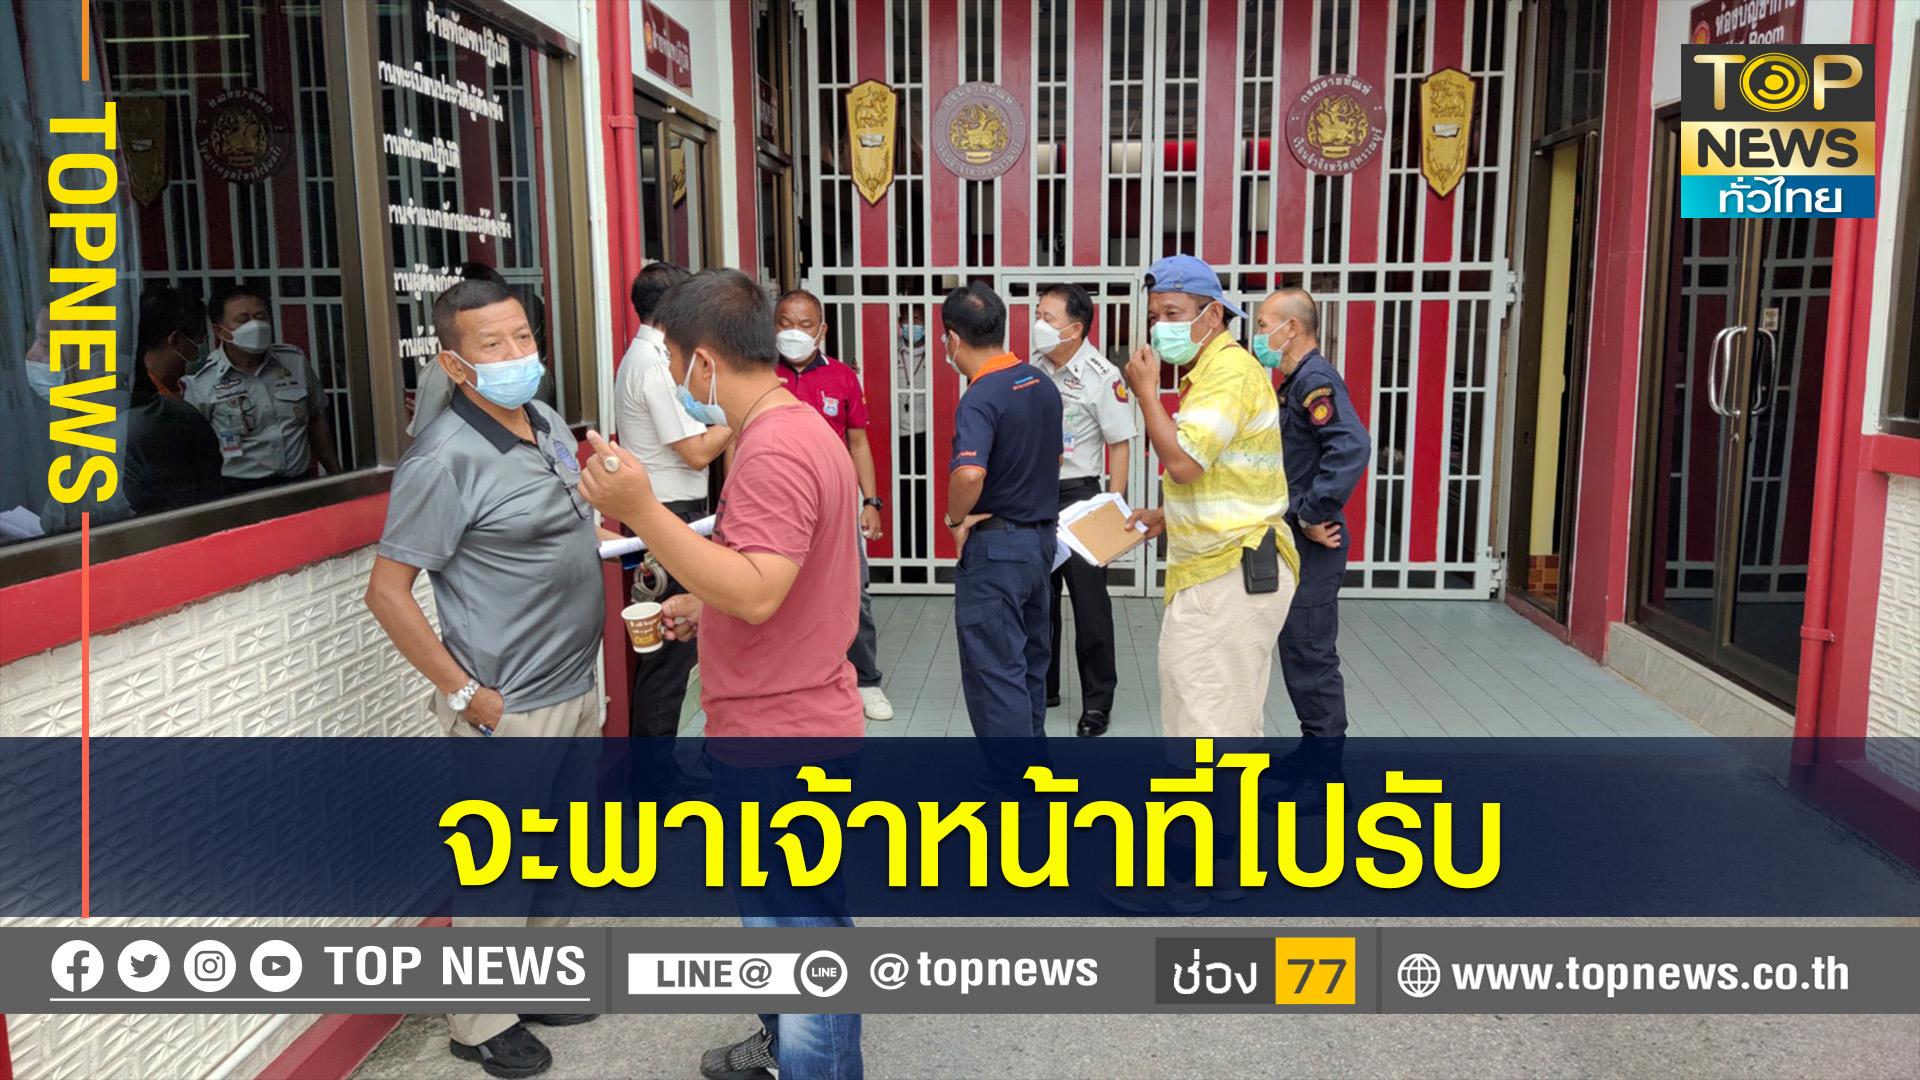 สุพรรณบุรี แม่นักโทษรายที่5วอนขอให้ลูกชายมอบตัวกลัวถูกวิสามัญ